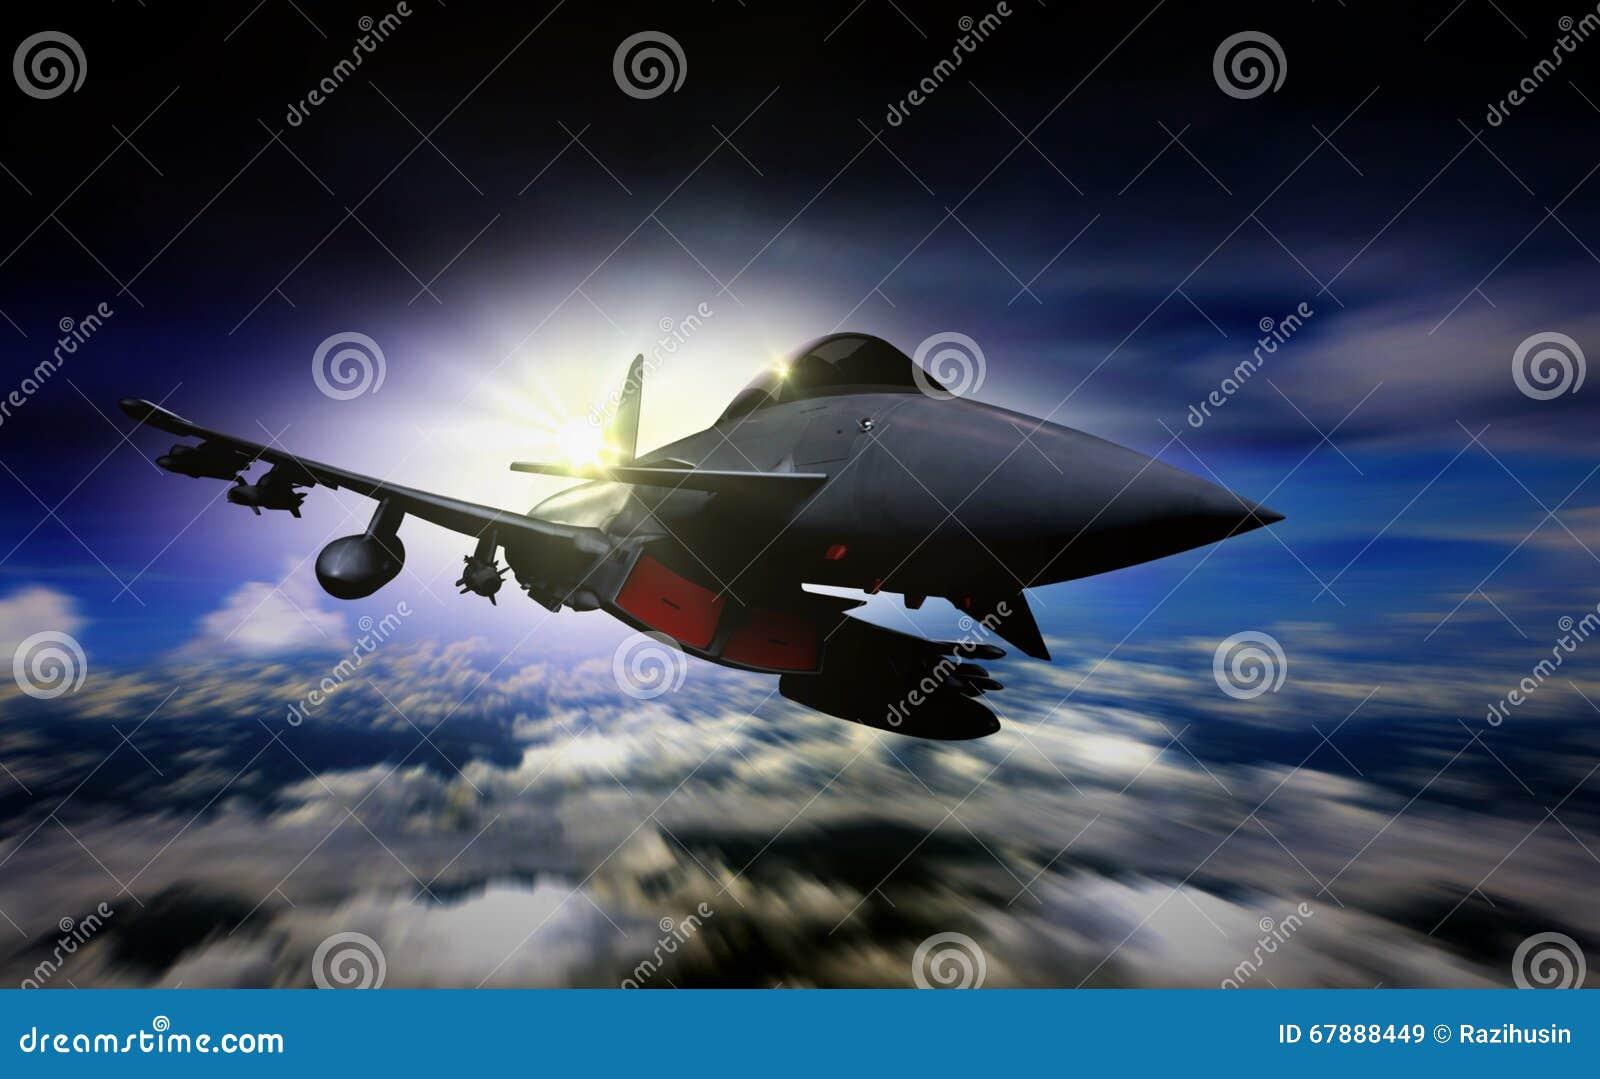 在日出期间的军事喷气机飞行与迷离行动